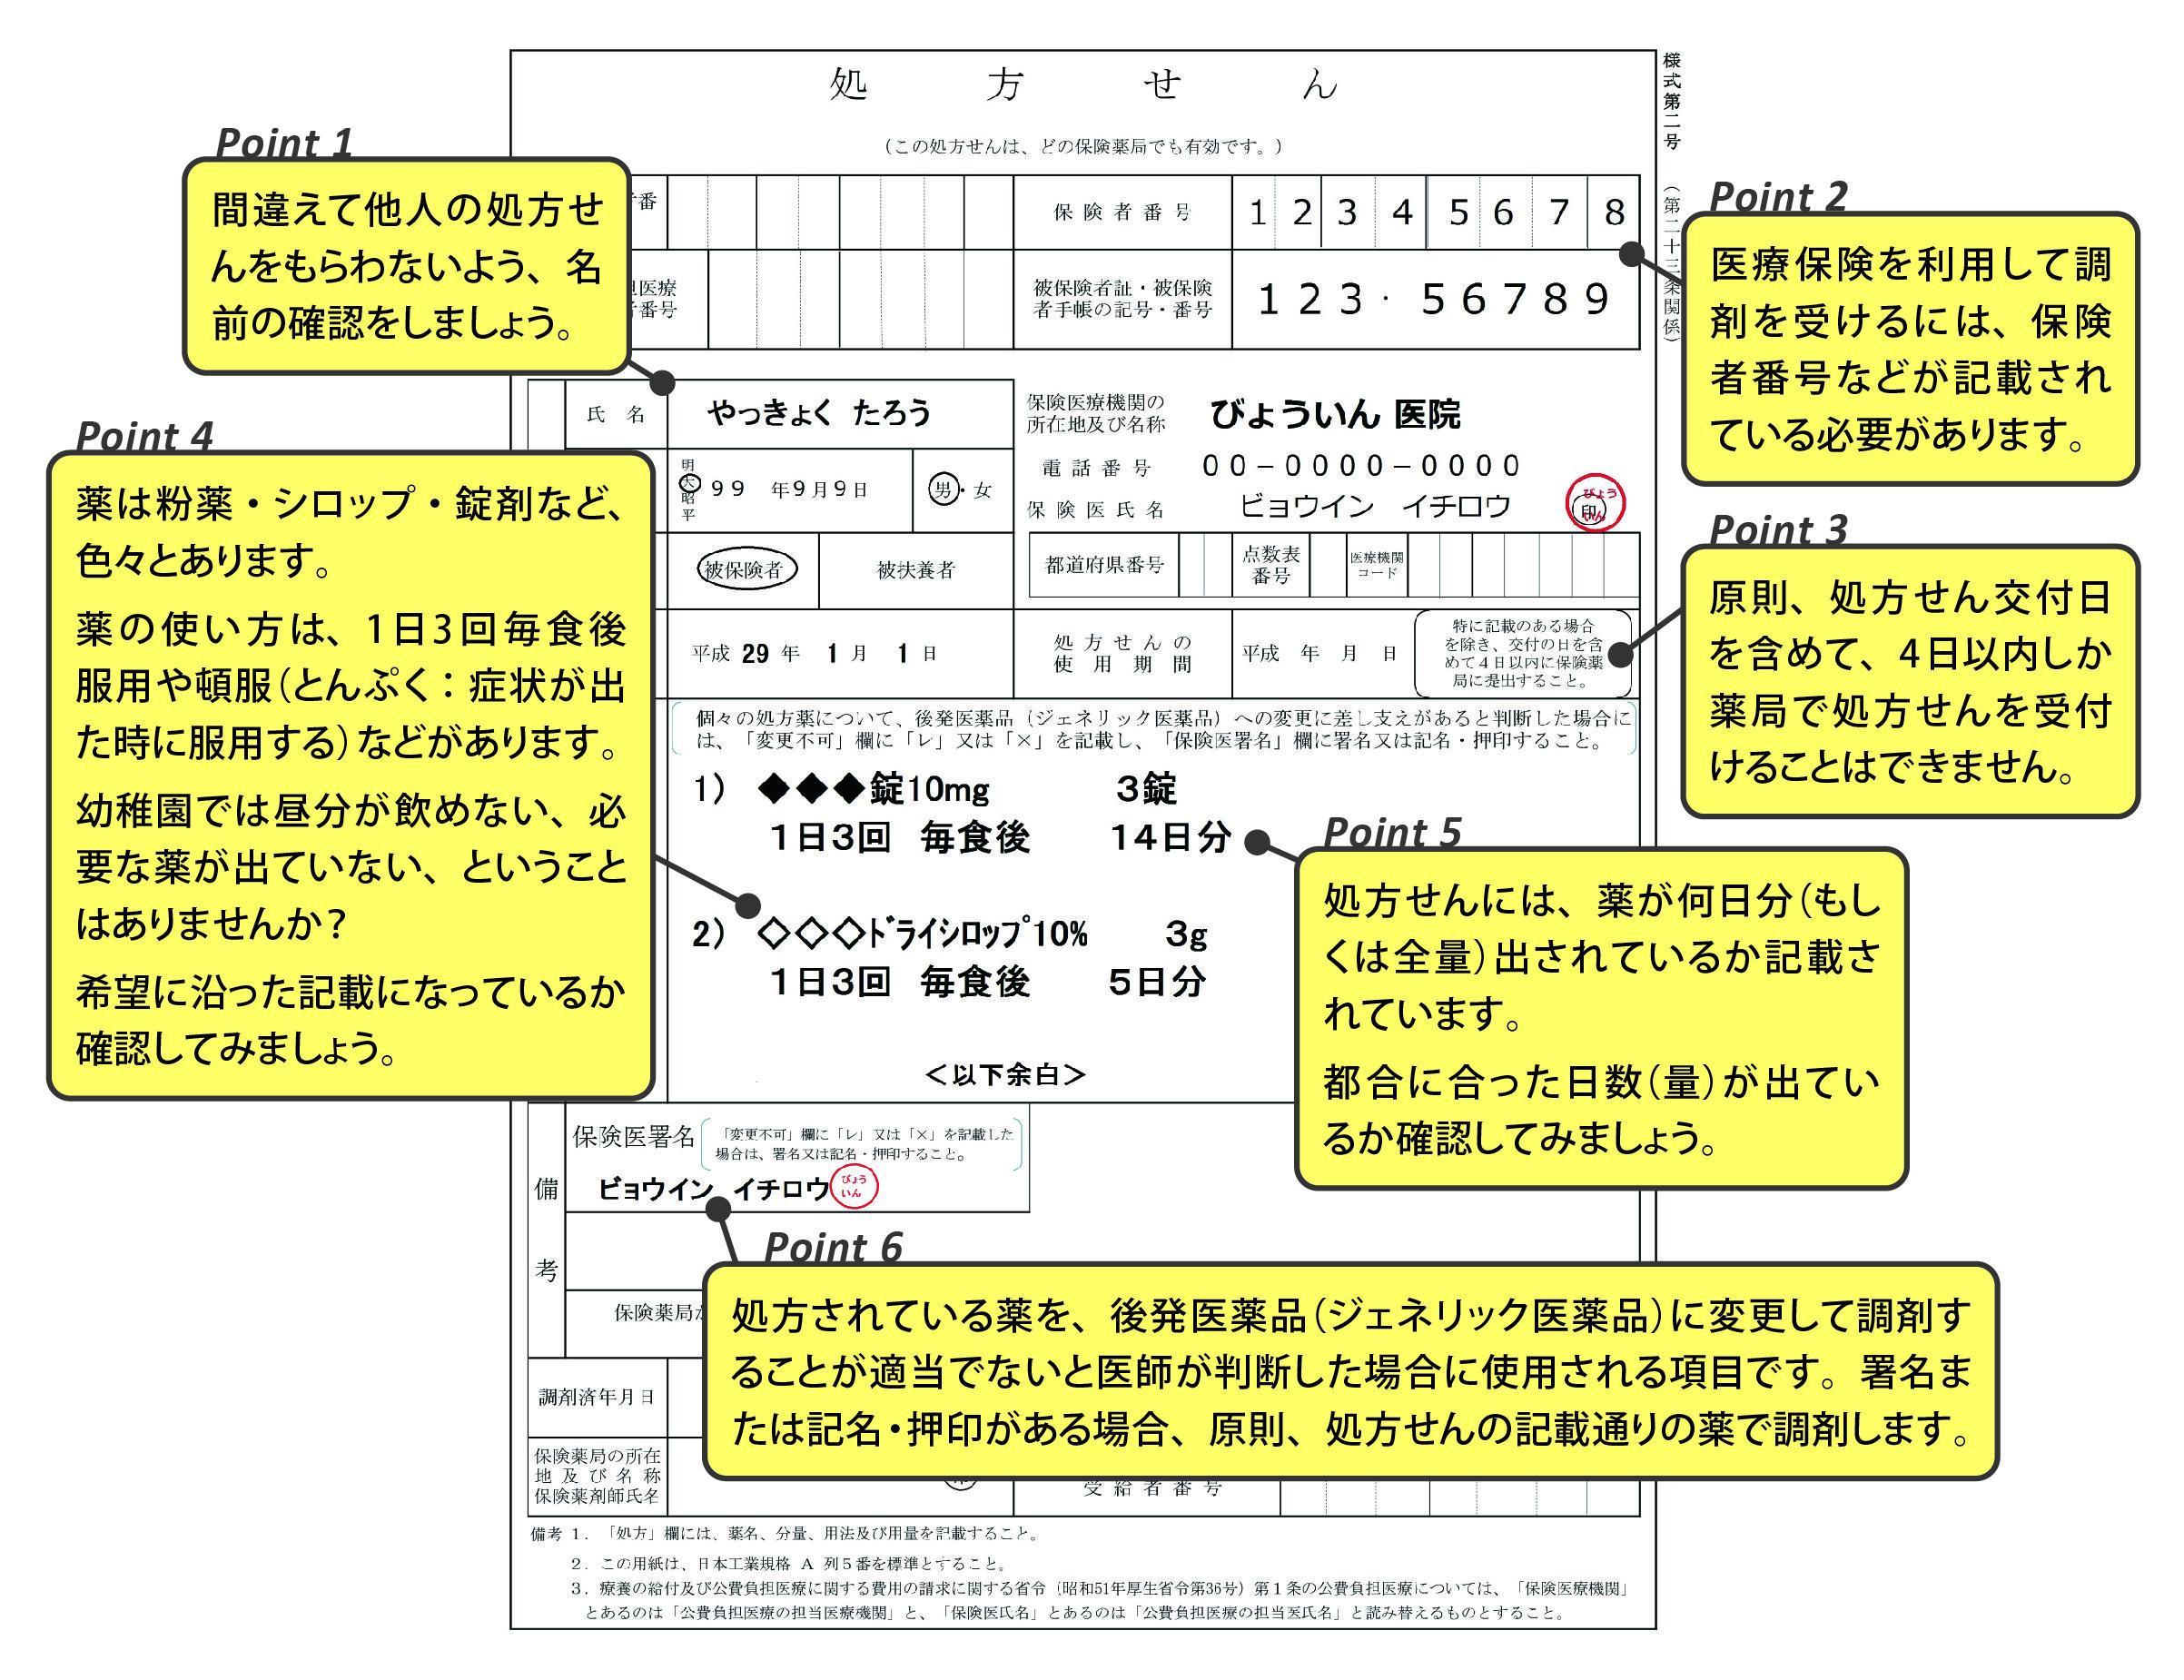 TakasaNews_201701-02.jpg